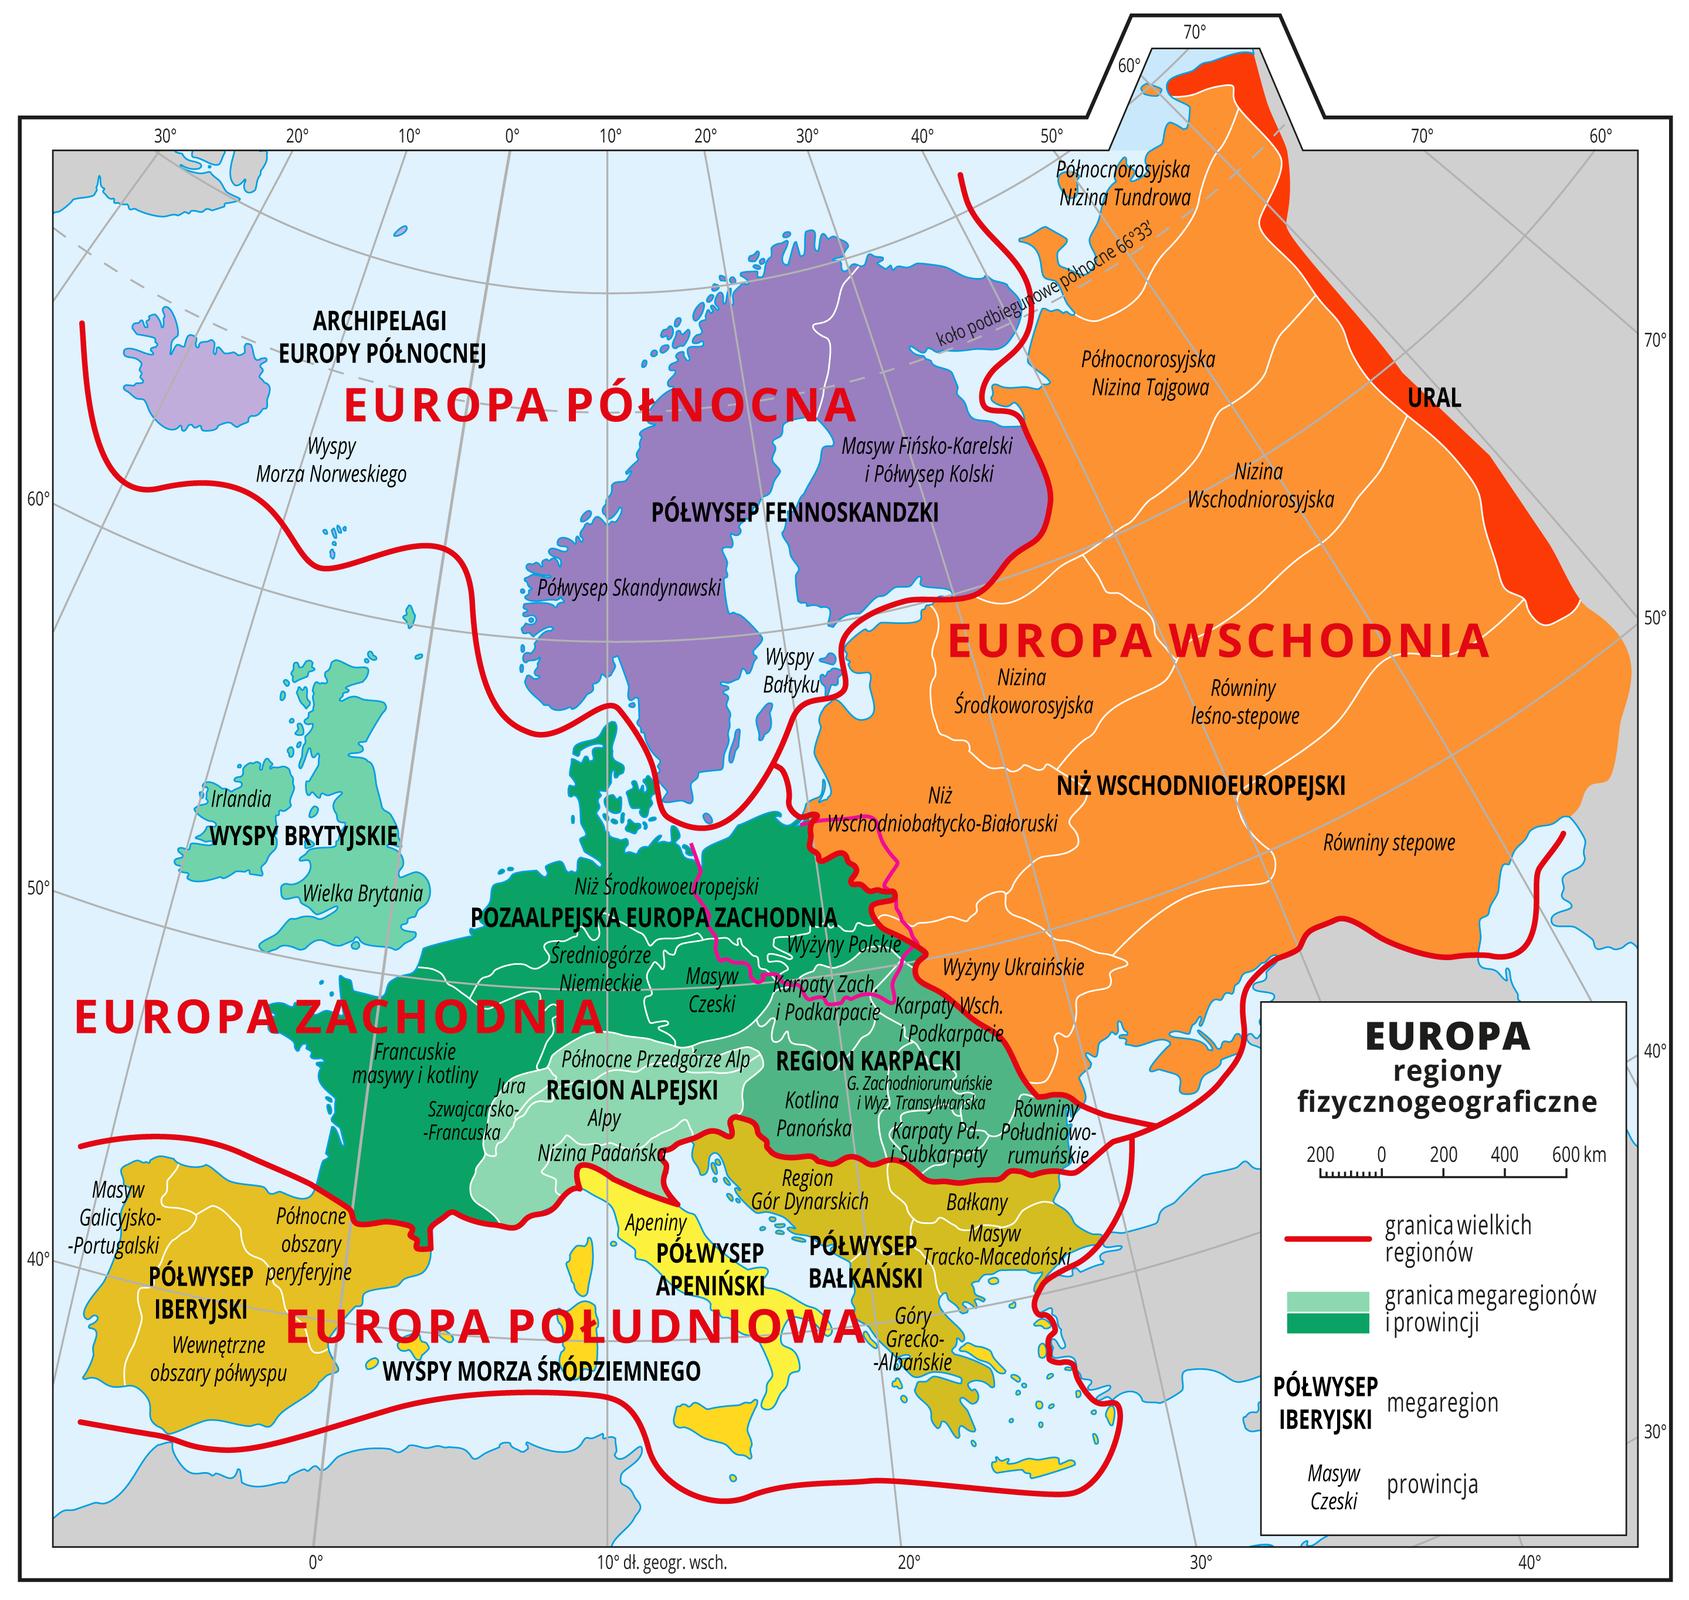 Ilustracja przedstawia mapę Europy. Kolorami wyróżniono wielkie regiony: Europa Wschodnia, Europa Północna, Europa Zachodnia, Europa Południowa. Wich obrębie nasyceniem kolorów wyróżniono megaregiony – Europa Północna ؘ– Archipelagi Europy Północnej IPółwysep Fennoskandzki, Europa Zachodnia – Wyspy Brytyjskie, Pozaalpejska Europa Zachodnia, Region Karpacki, Region Alpejski, Europa Południowa – Półwysep Iberyjski, Wyspy Morza Śródziemnego, Półwysep Apeniński, Półwysep Bałkański, Europa Wschodnia – Niż Wschodnioeuropejski, Ural. Wobrębie megaregionów wyznaczono jeszcze mniejsze jednostki – prowincje. Mapa zawiera południki irównoleżniki, dookoła mapy wbiałej ramce opisano współrzędne geograficzne co dziesięć stopni.